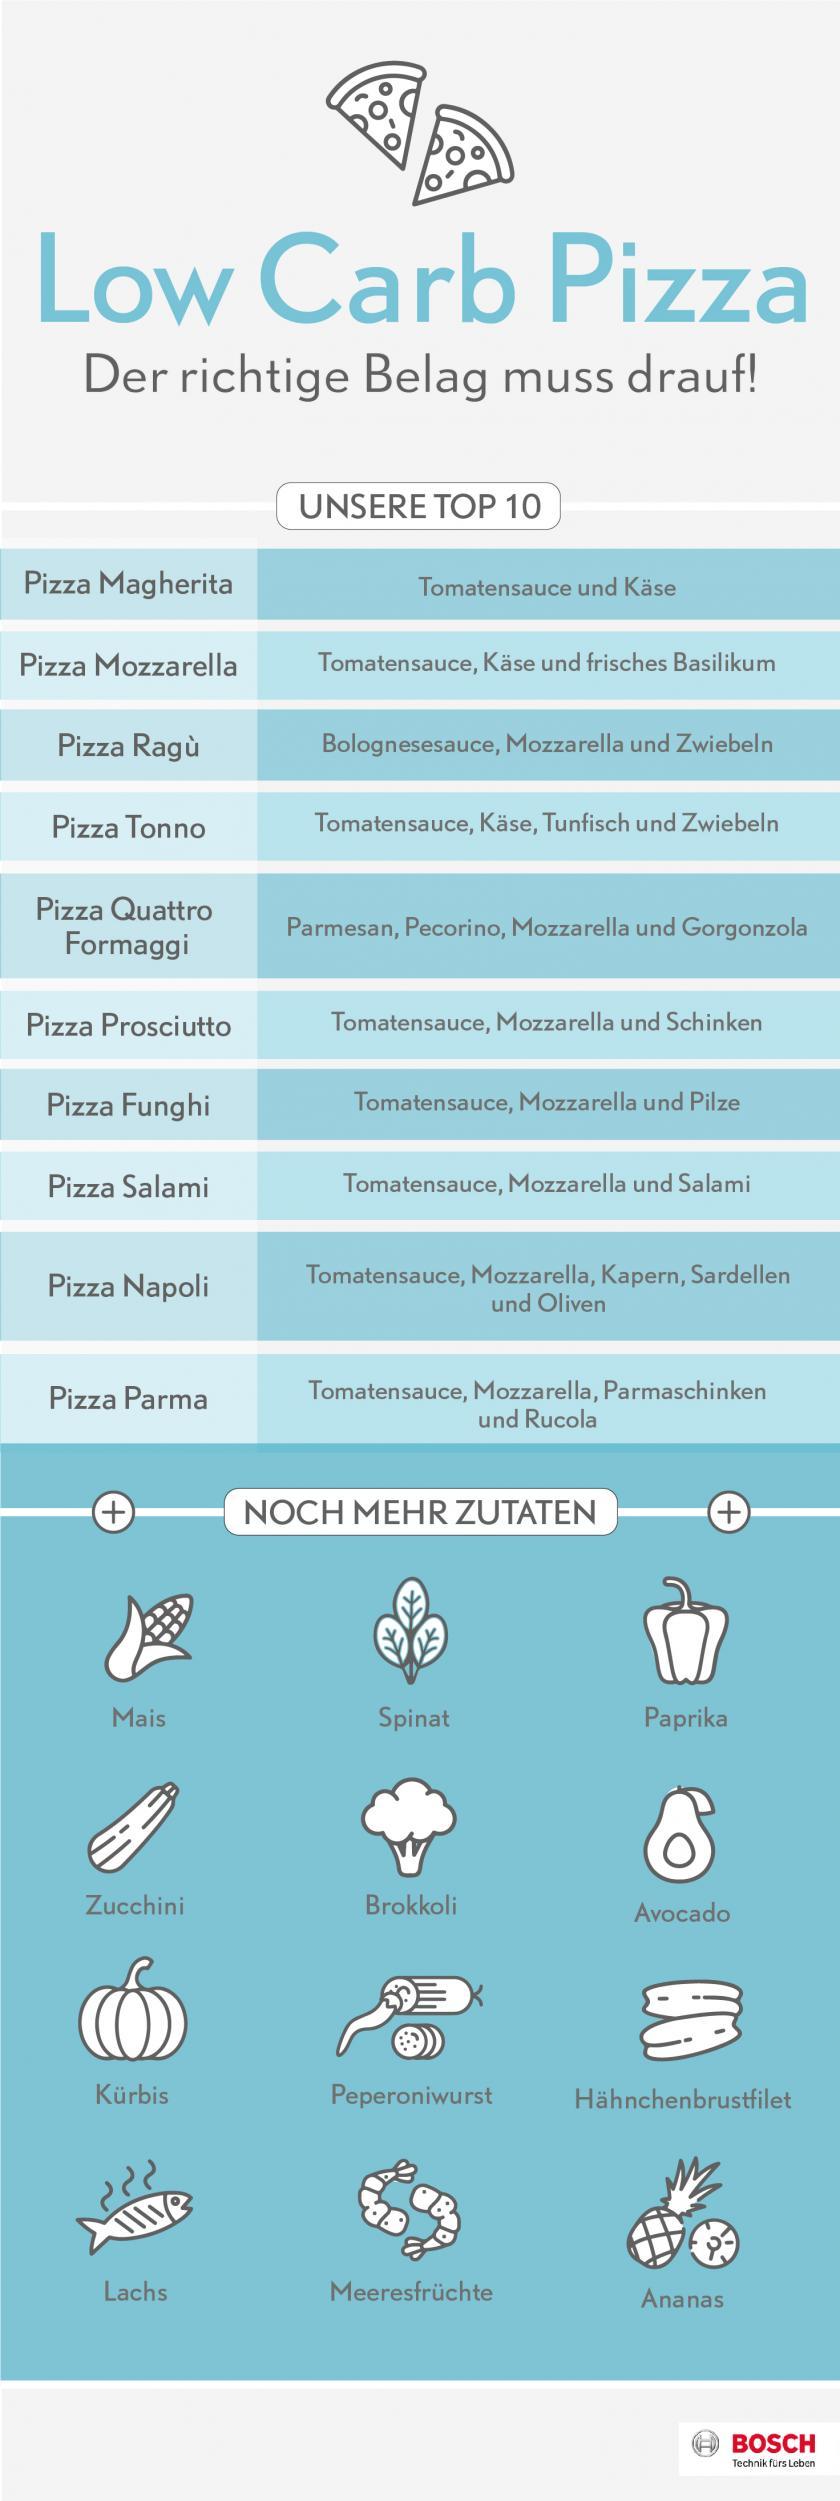 Grafik, die verschiedene Möglichkeiten zeiht, eine Low Carb Pizza zu belegen.